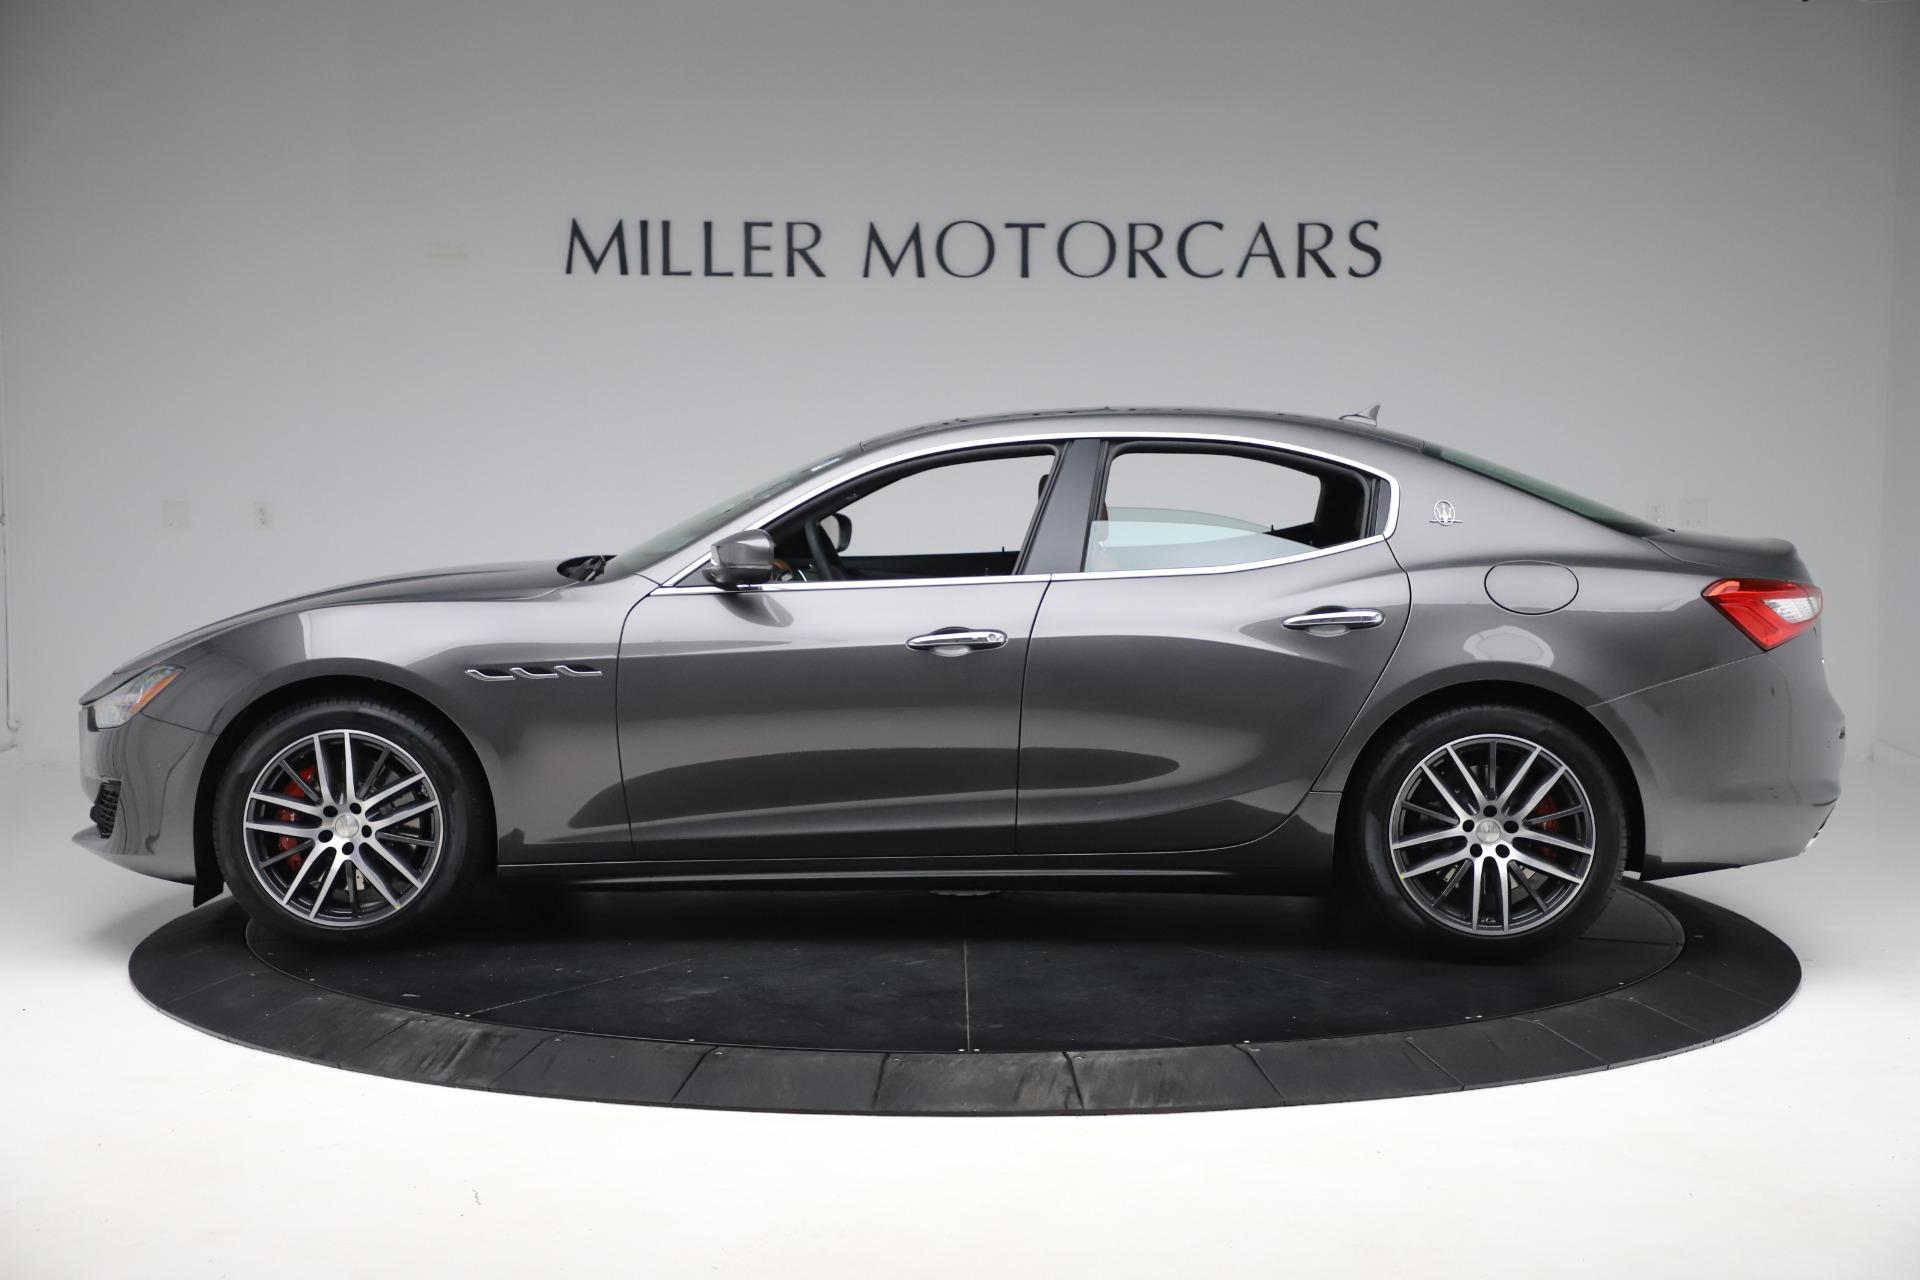 New 2019 Maserati Ghibli S Q4 For Sale In Greenwich, CT 3017_p3